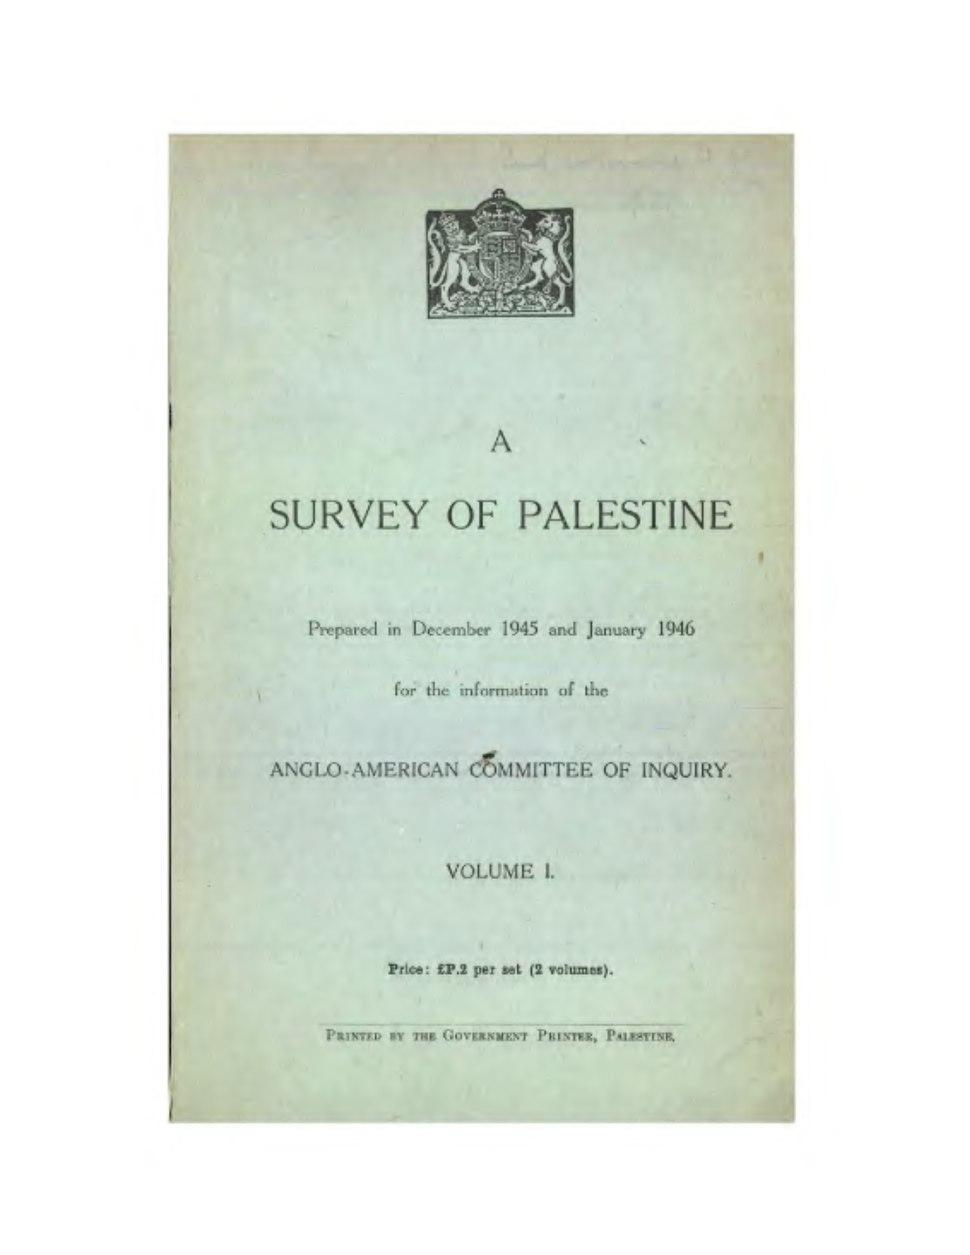 Survey of Palestine Volume I full document.djvu